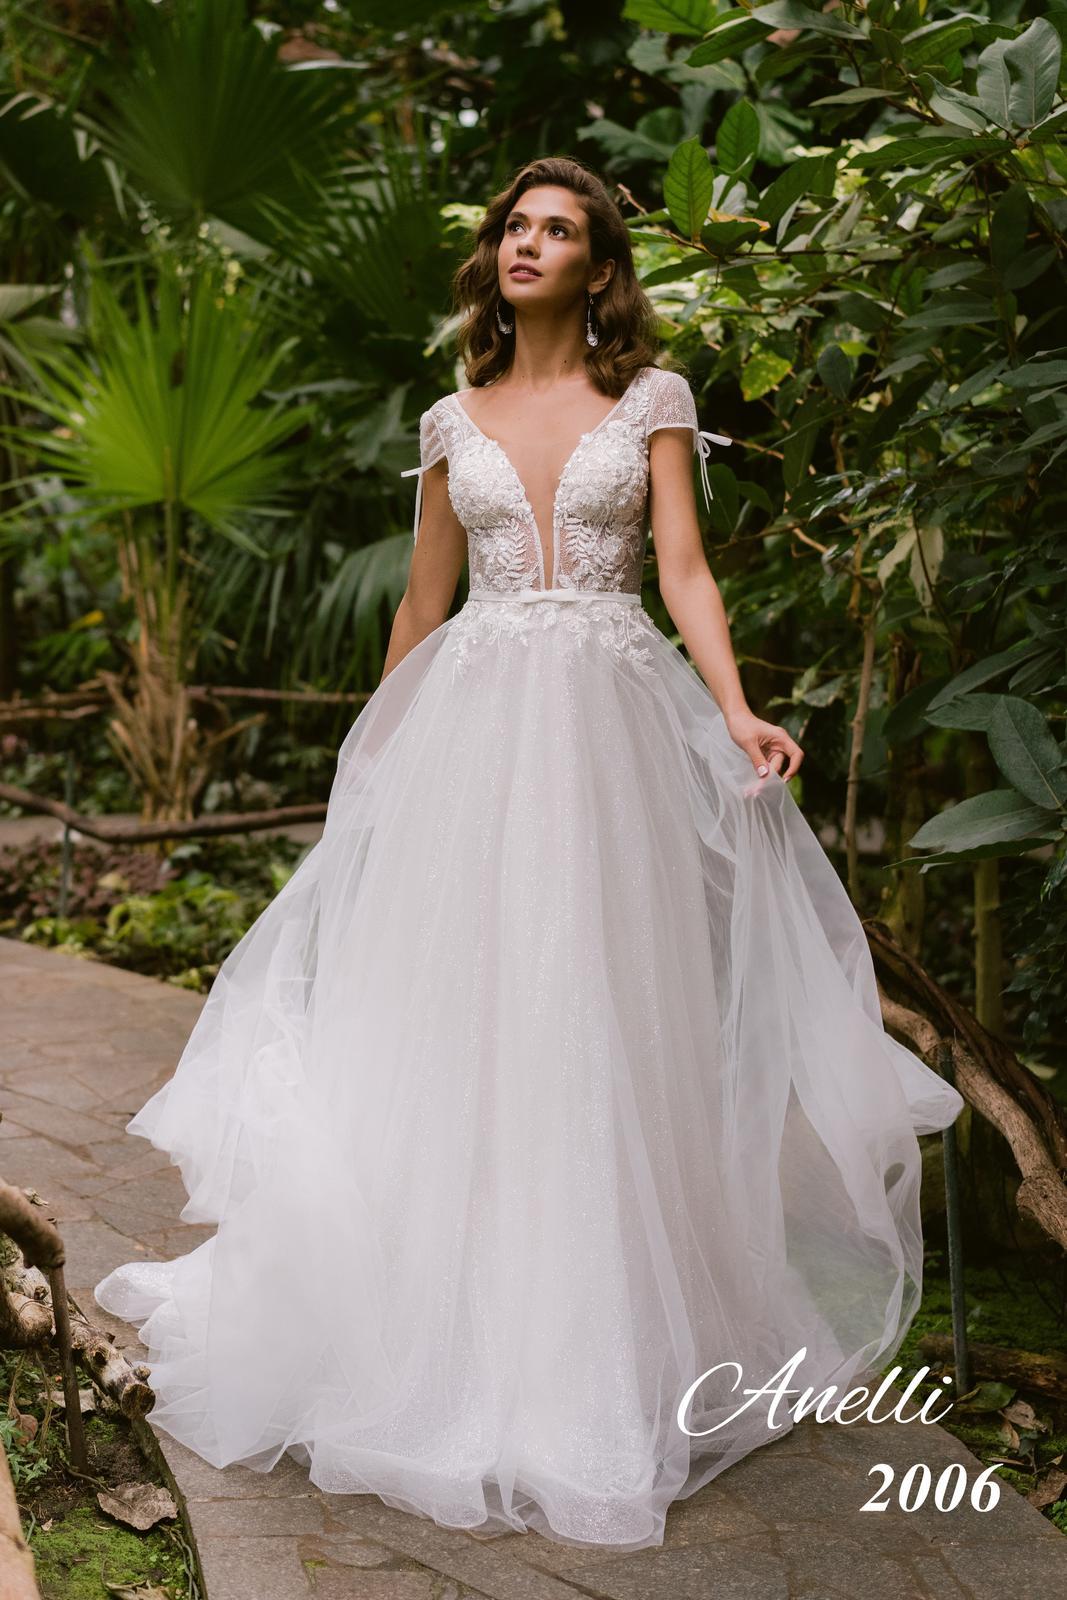 Svadobné šaty - Breeze 2006 - Obrázok č. 2